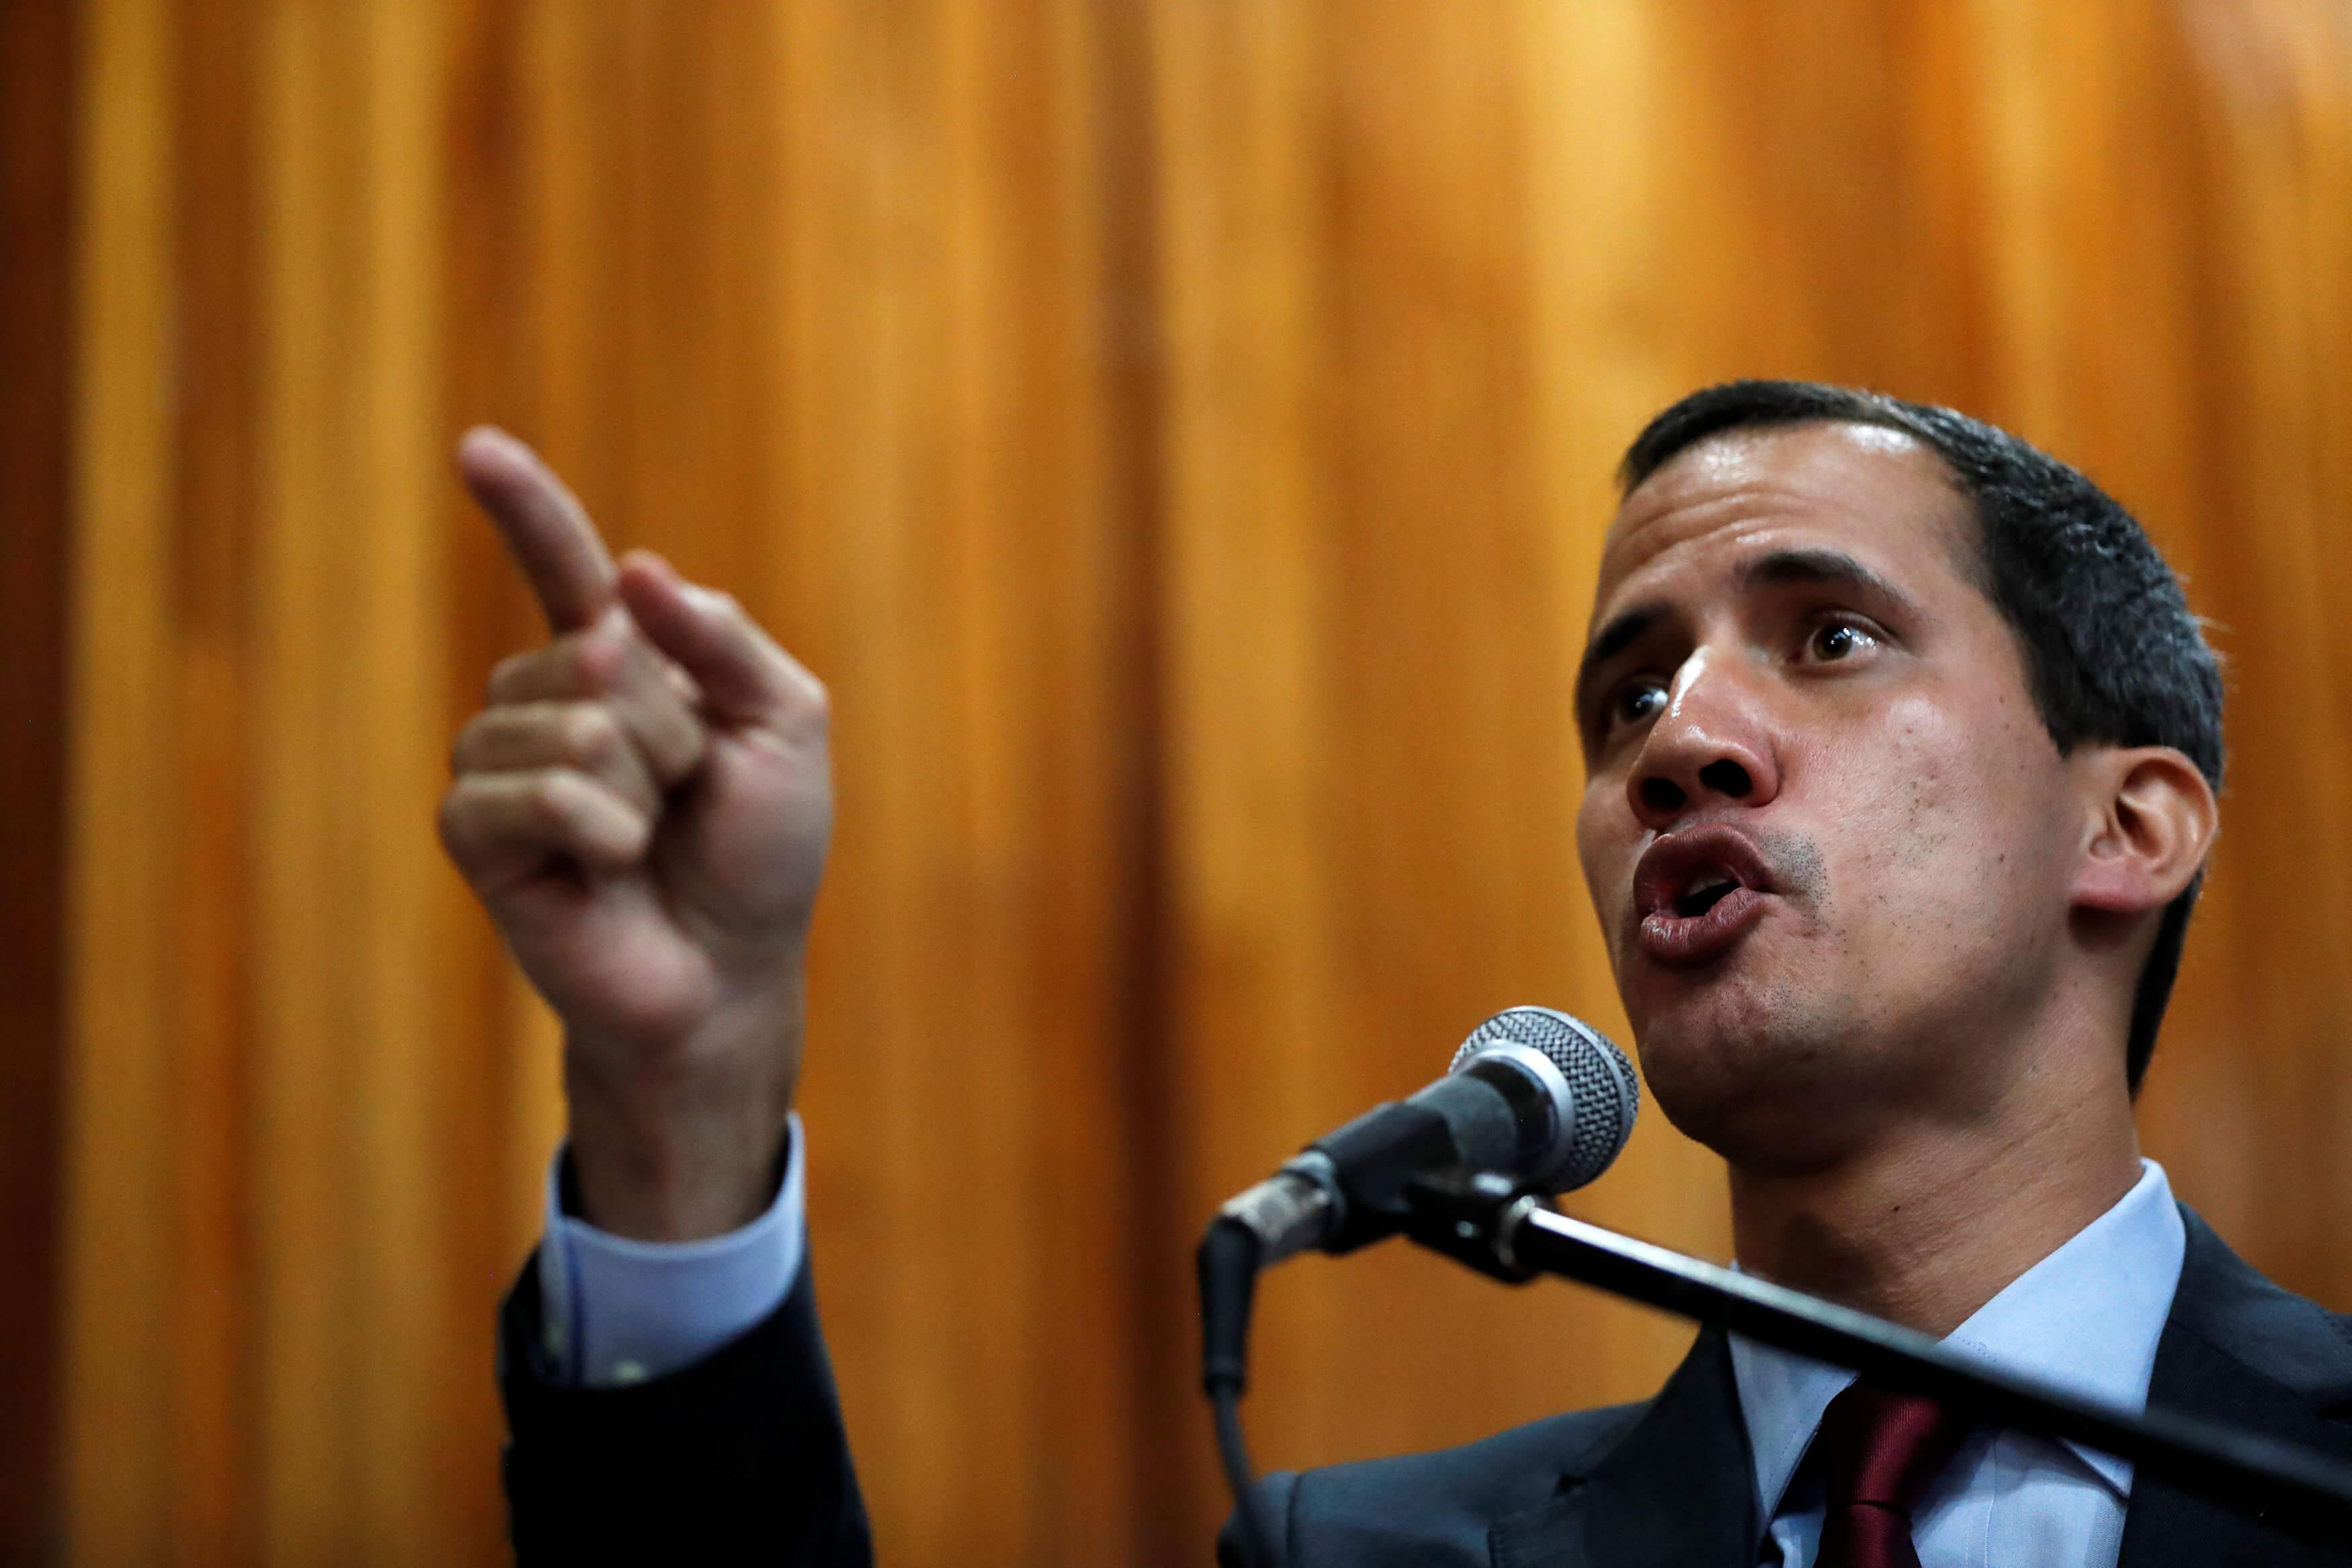 Βενεζουέλα: Δεν αποκλείει στρατιωτική επέμβαση των ΗΠΑ ο Γκουαϊδό